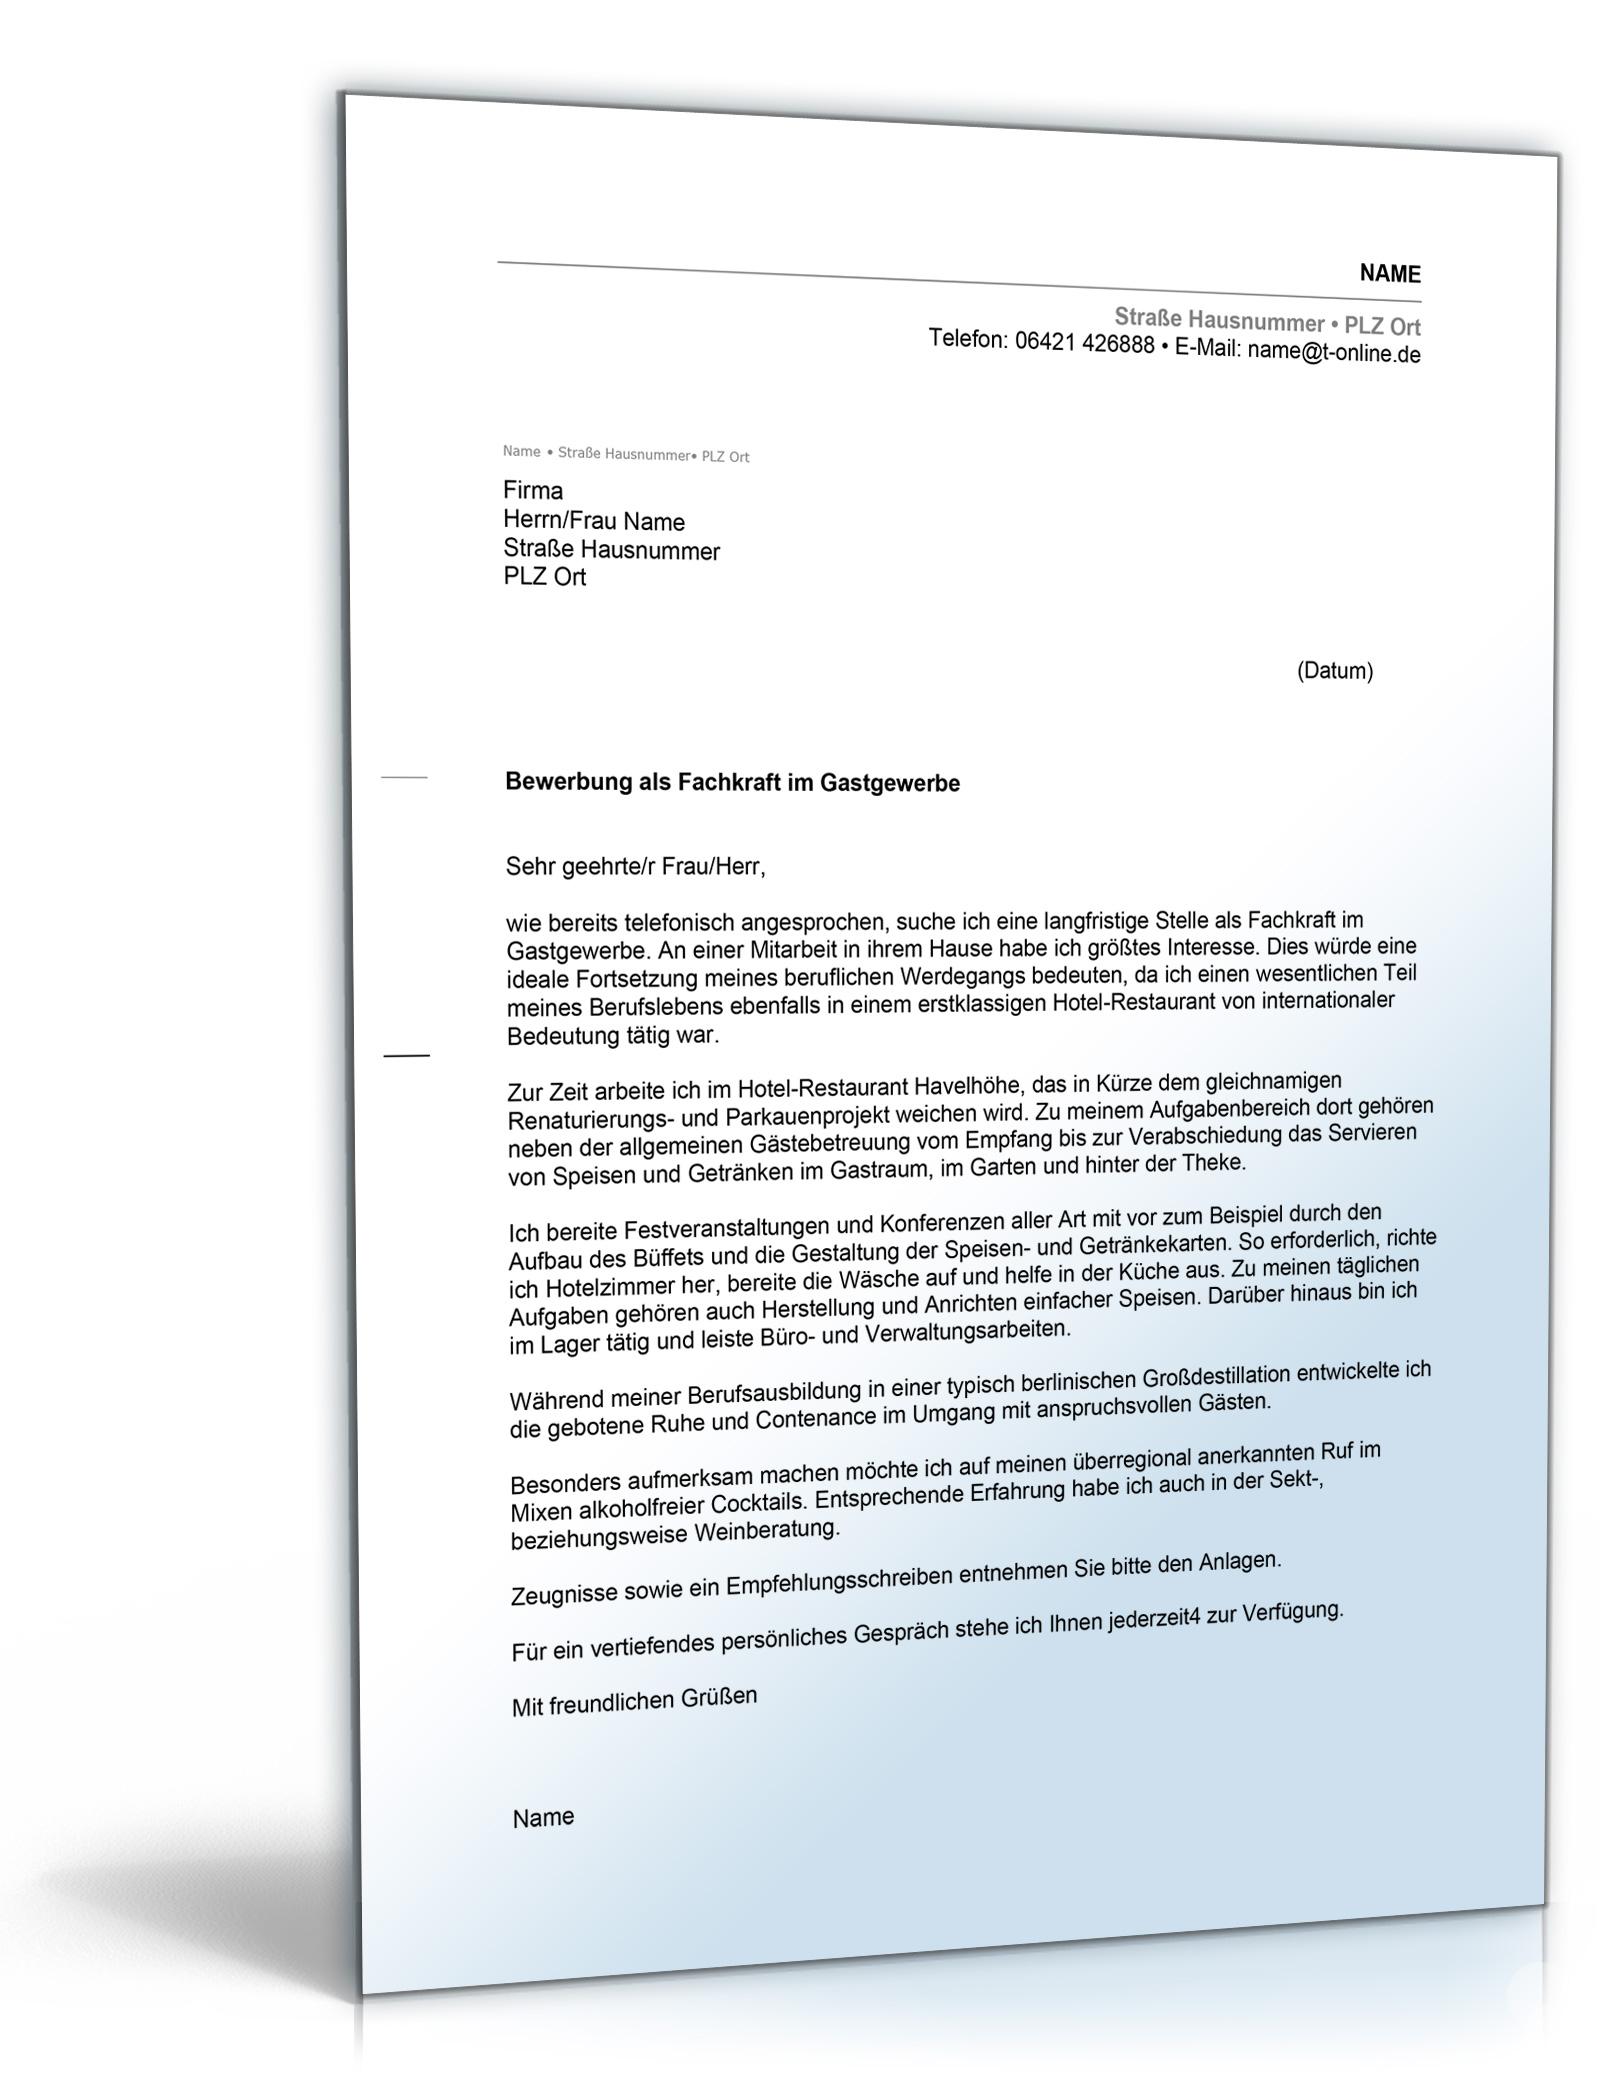 Anschreiben Bewerbung Hotel- und Gastgewerbe [Word Dokument]: Amazon.de:  Software